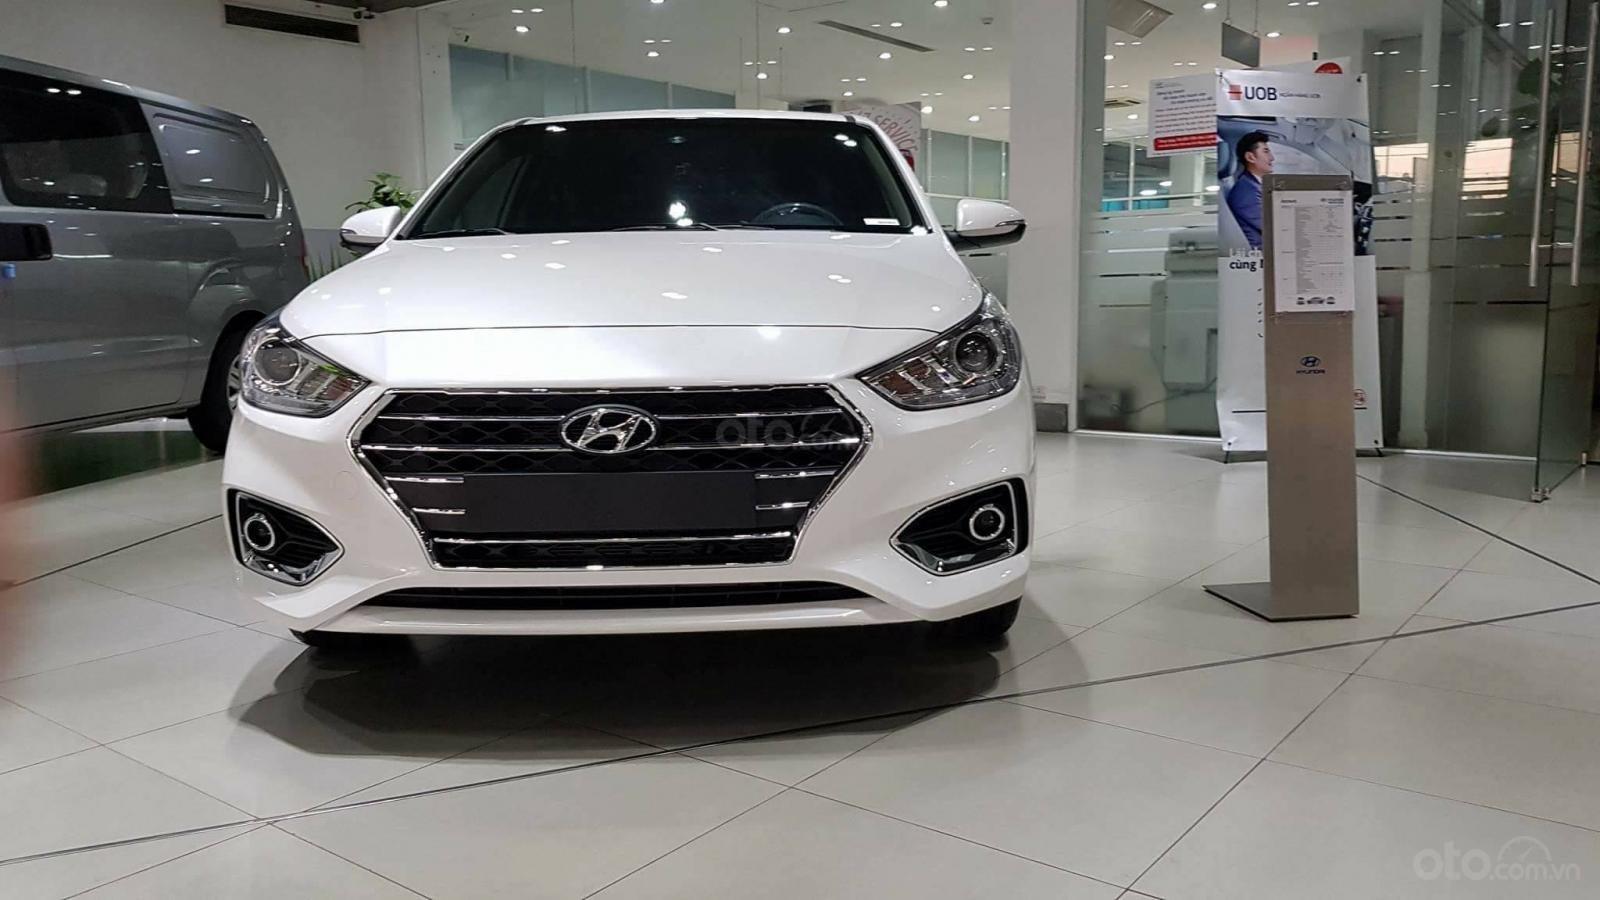 Hyundai Accent - giá ưu đãi - khuyến mãi cực nhiều- đủ màu- giao ngay - chỉ 130tr có xe - LH 0909862412-4